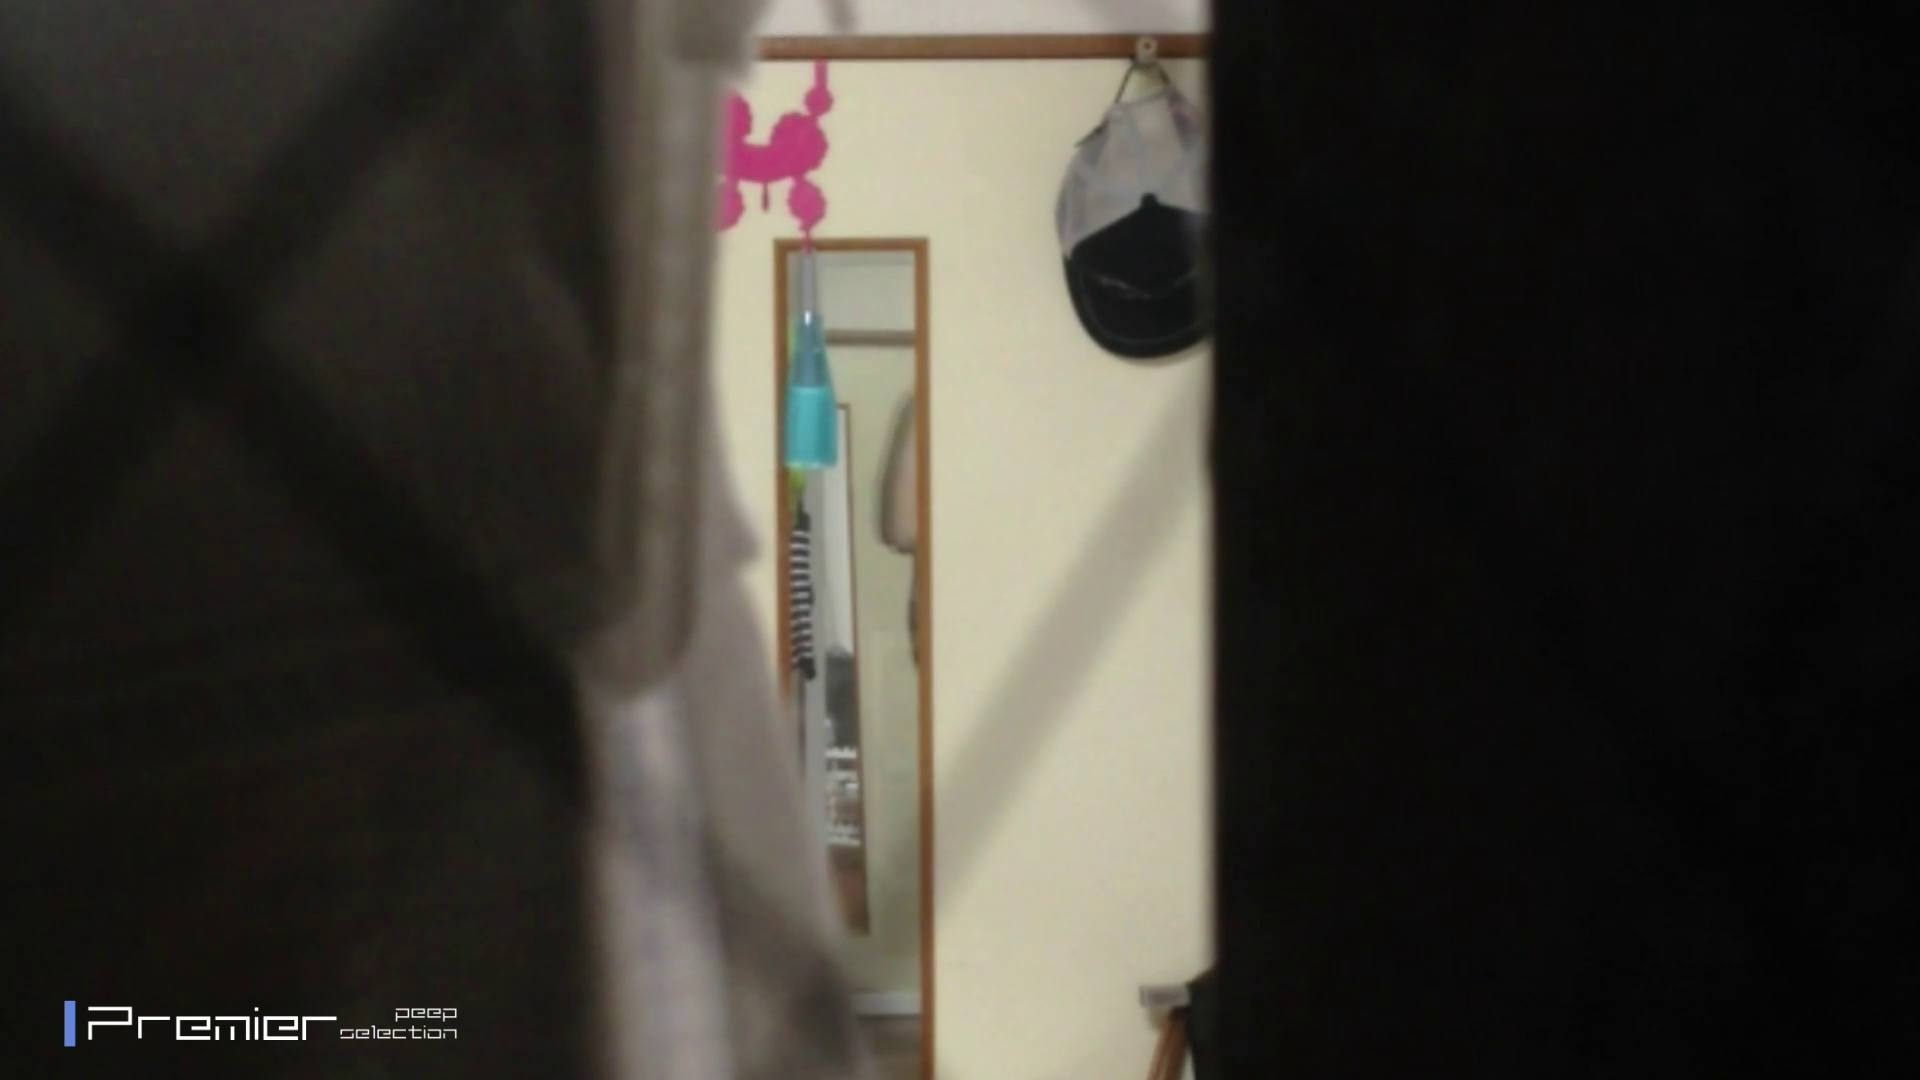 盗撮AV:美女たちの日常に潜むエロス 美女達の私生活に潜入!:怪盗ジョーカー